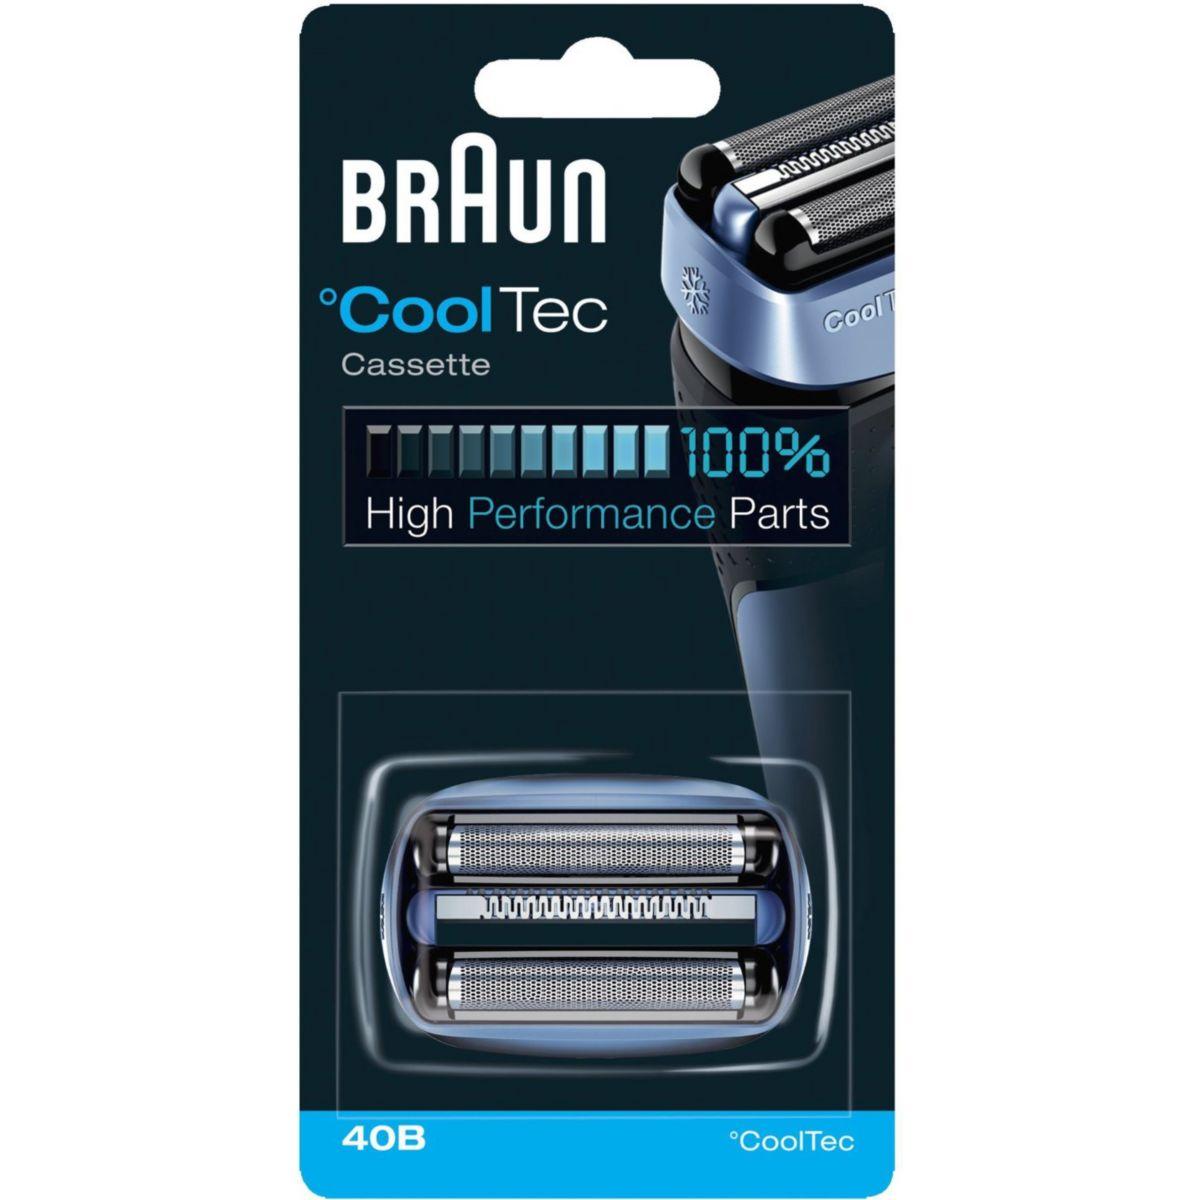 Cassette braun 40b cooltec - 20% de remise immédiate avec le code : pam20